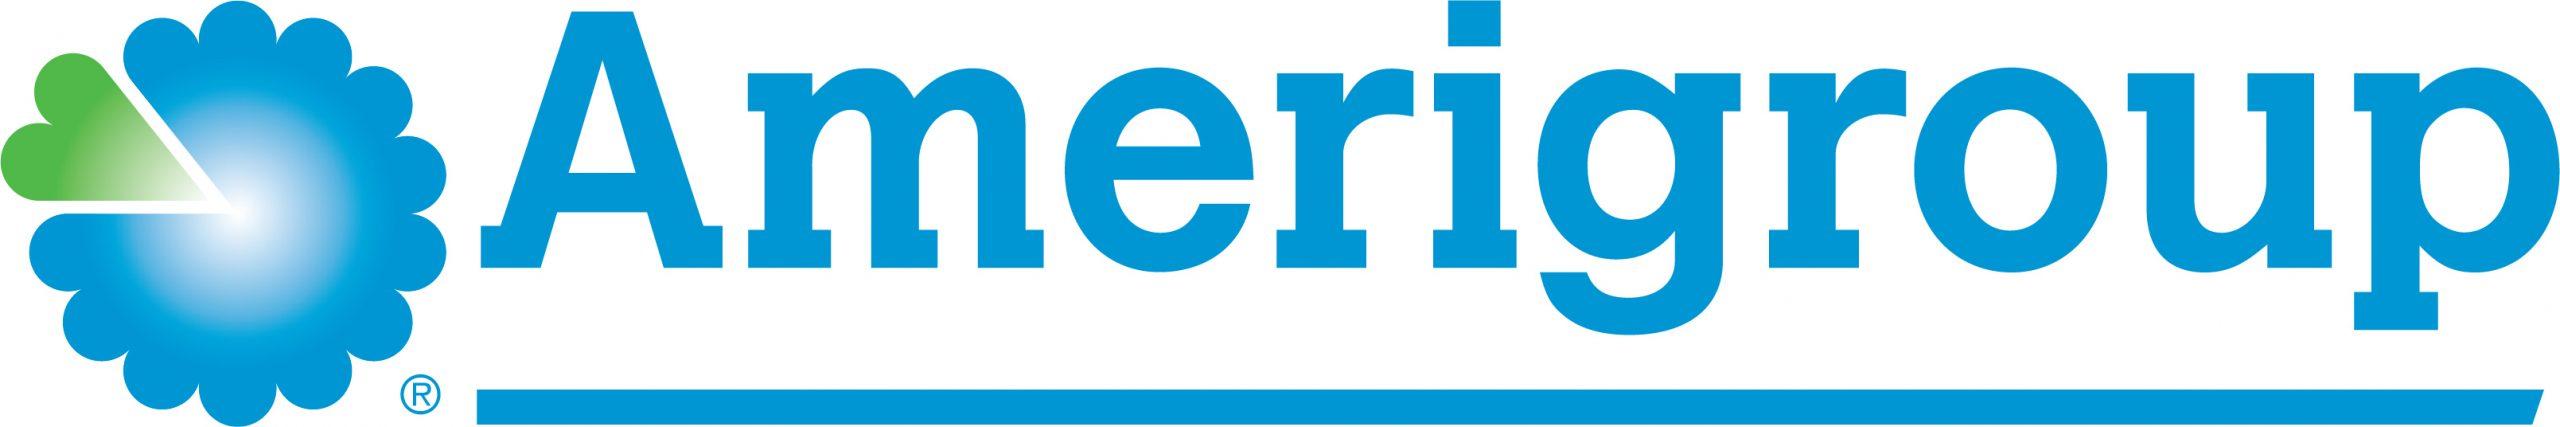 Amerigroup VAS sponsorship logo